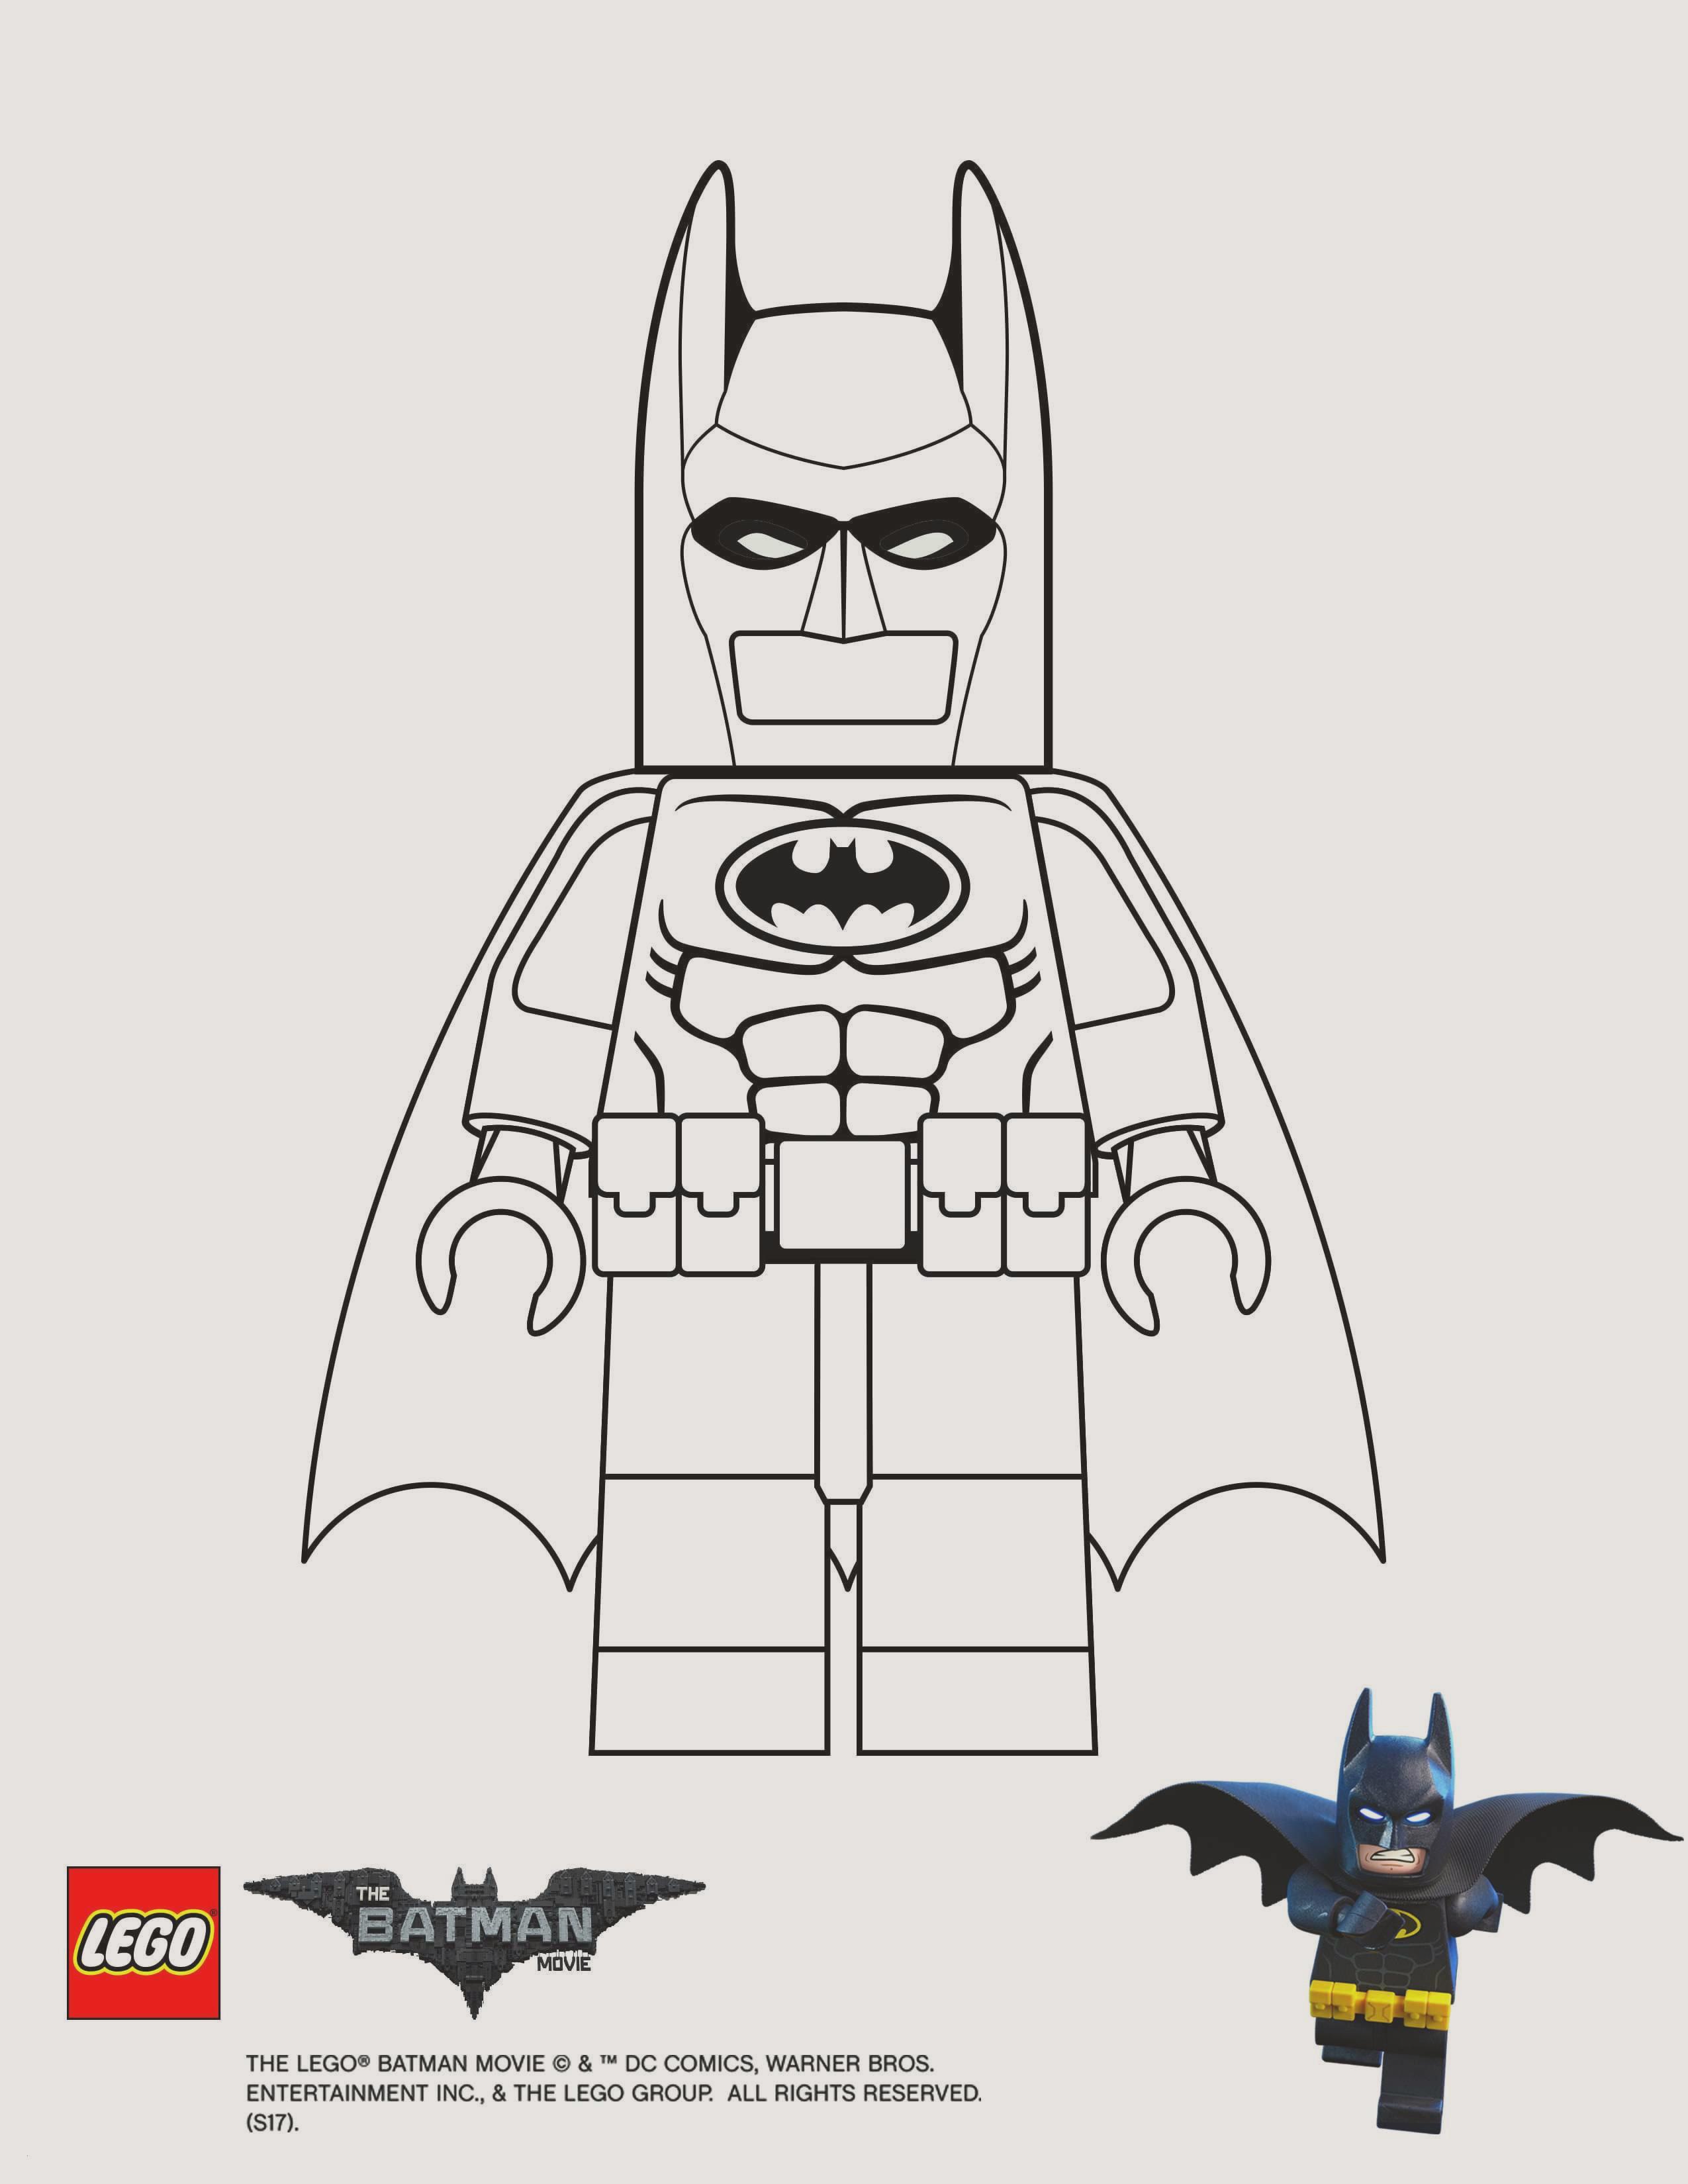 Ausmalbilder Lego Inspirierend 30 Super Harley Quinn Ausmalbilder Ausdrucken Bilder